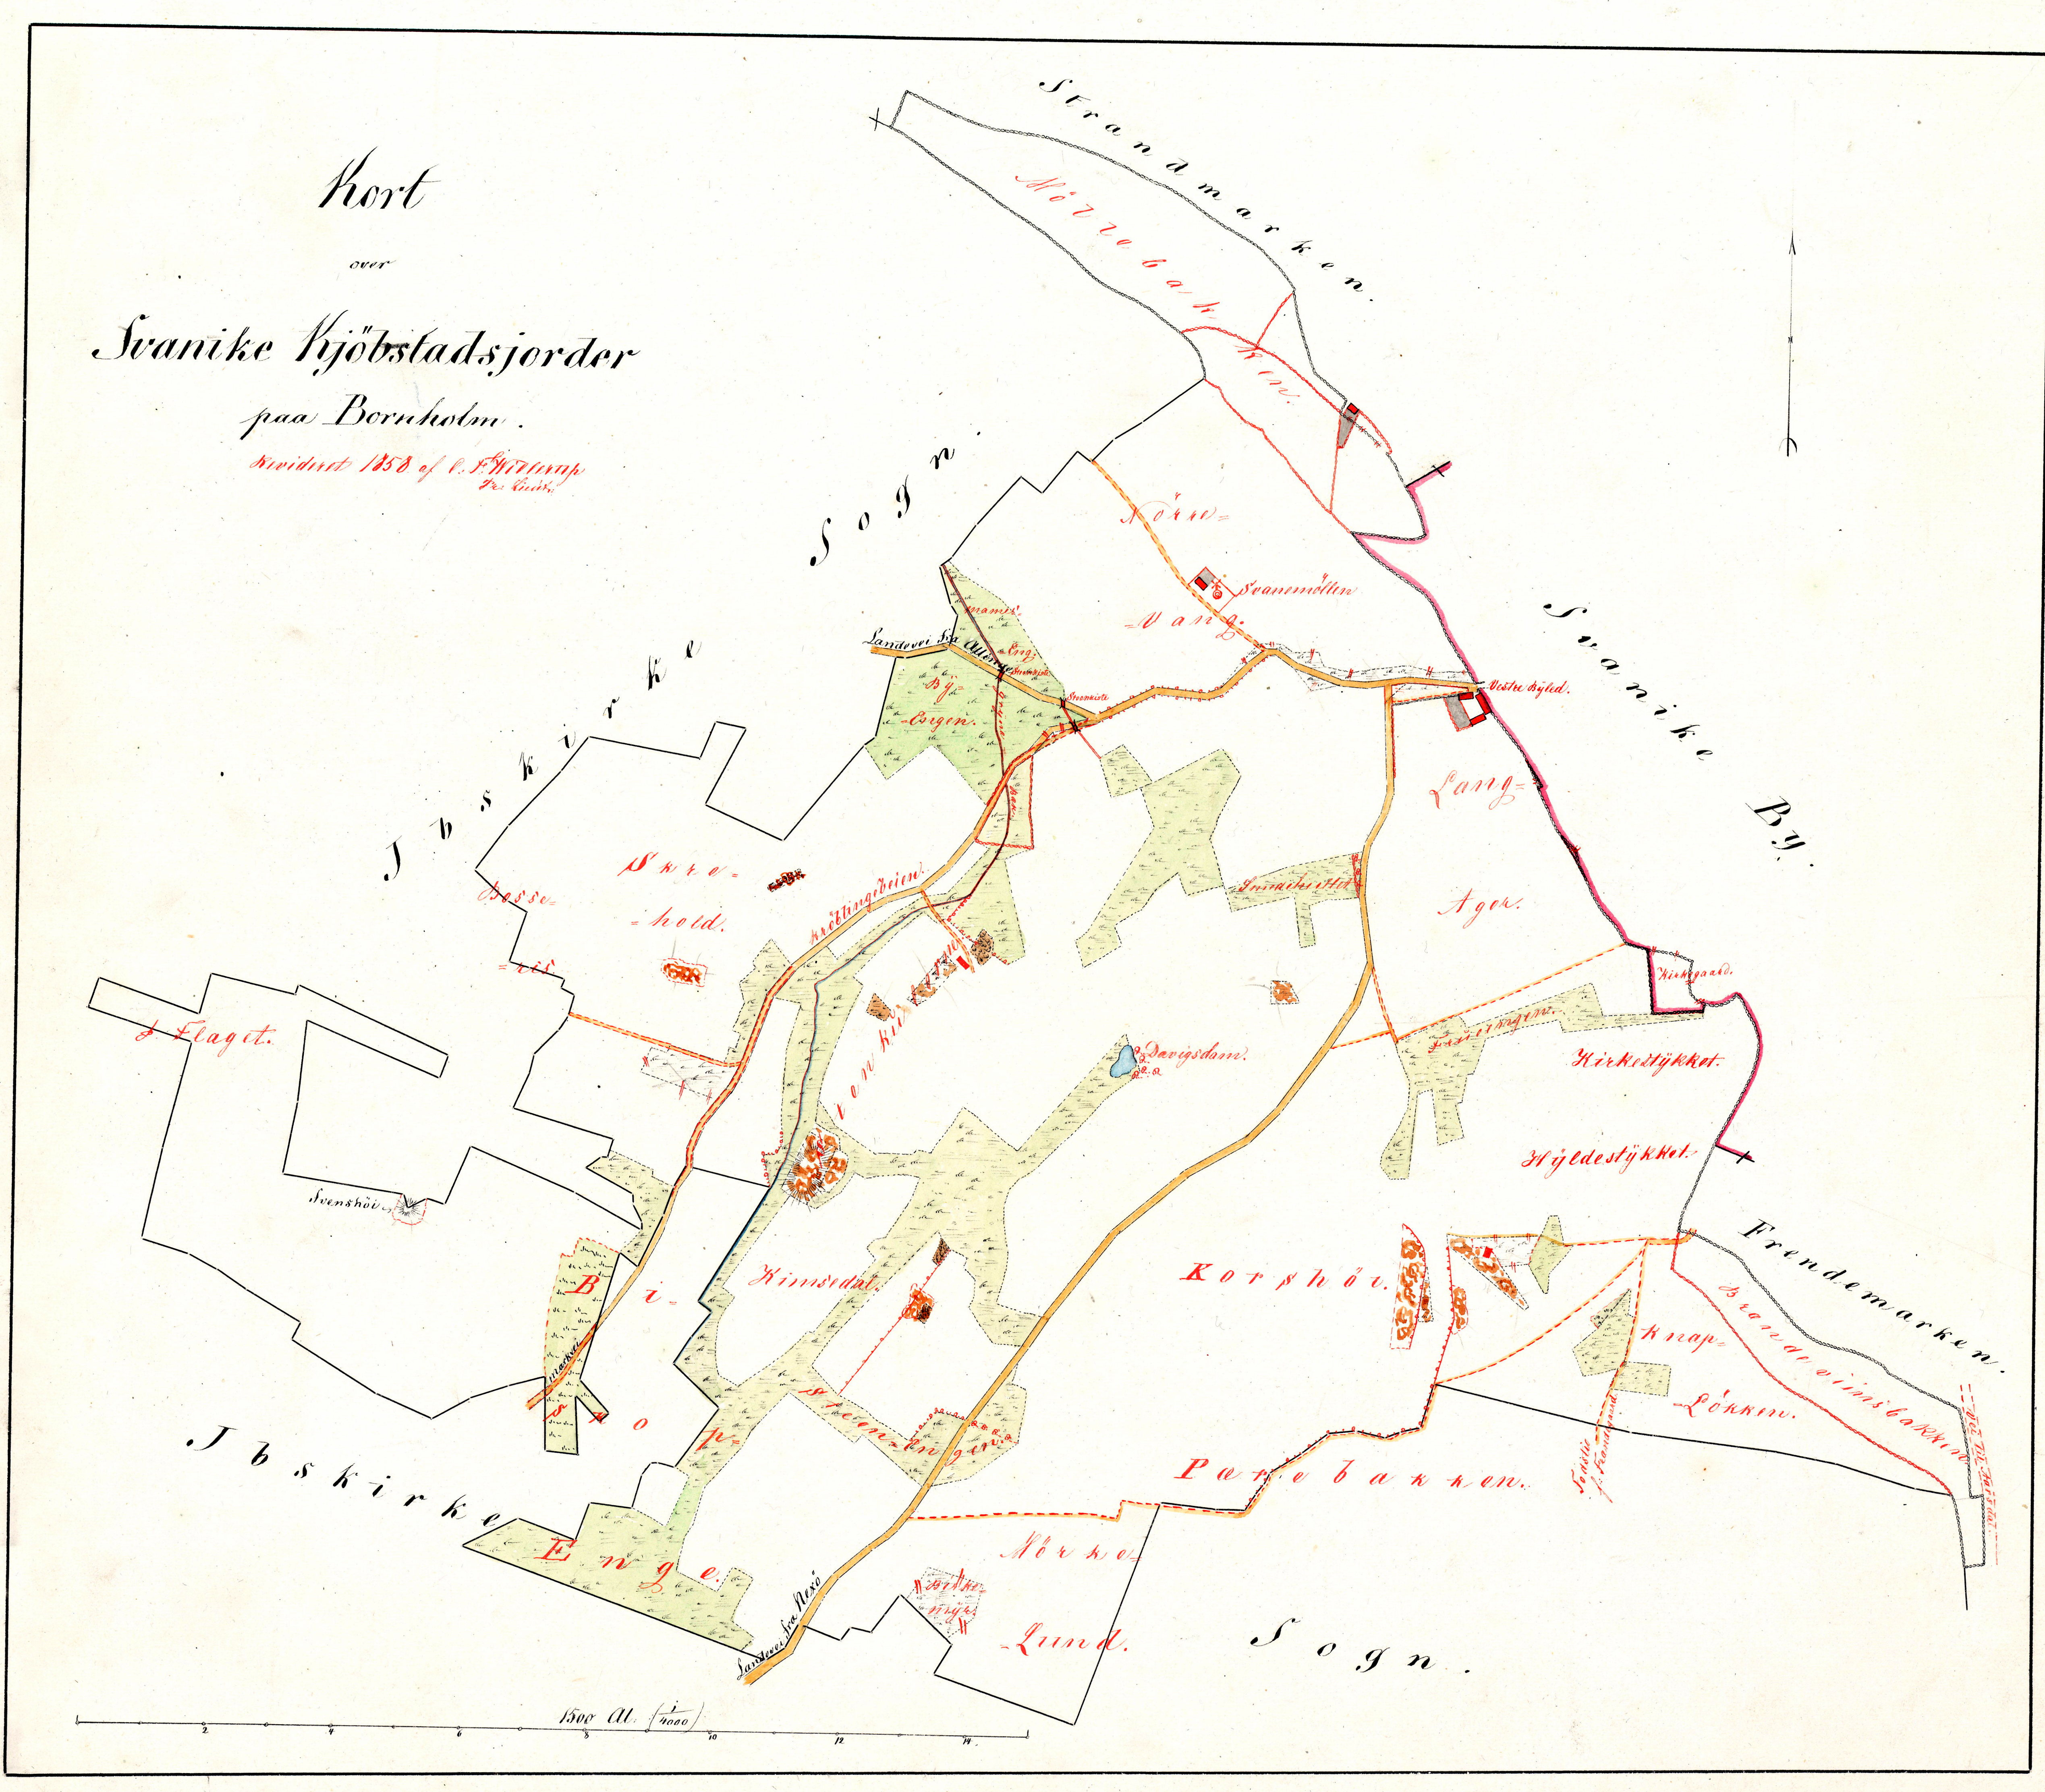 C.F.Willerups opmåling af Svaneke købstads jorder 1858